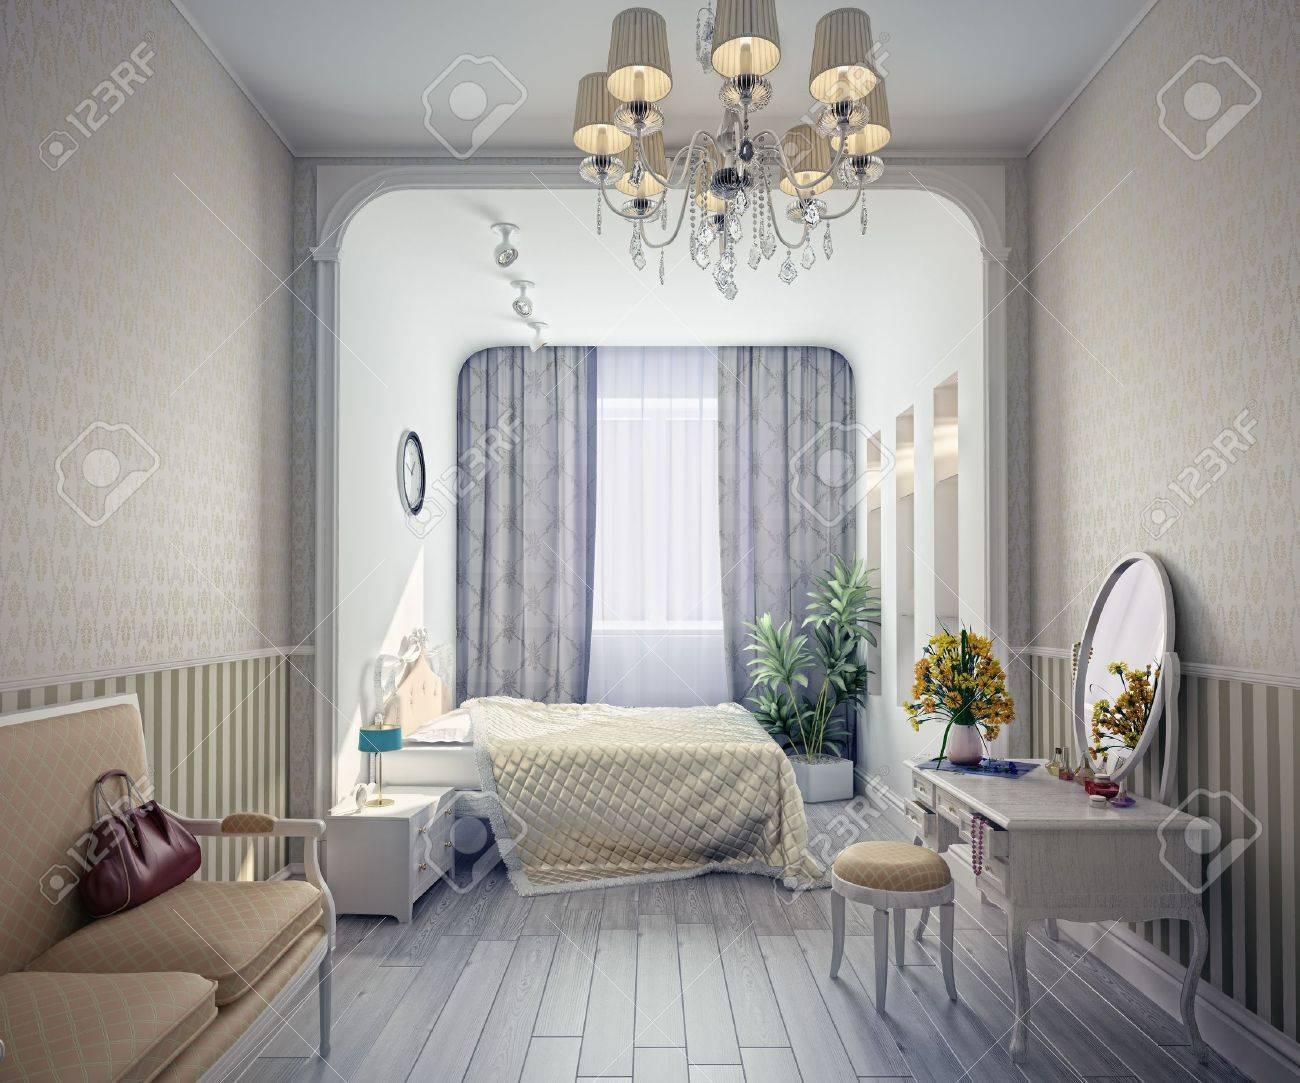 modern luxury bedroom interior (3D rendering) Stock Photo - 9863001